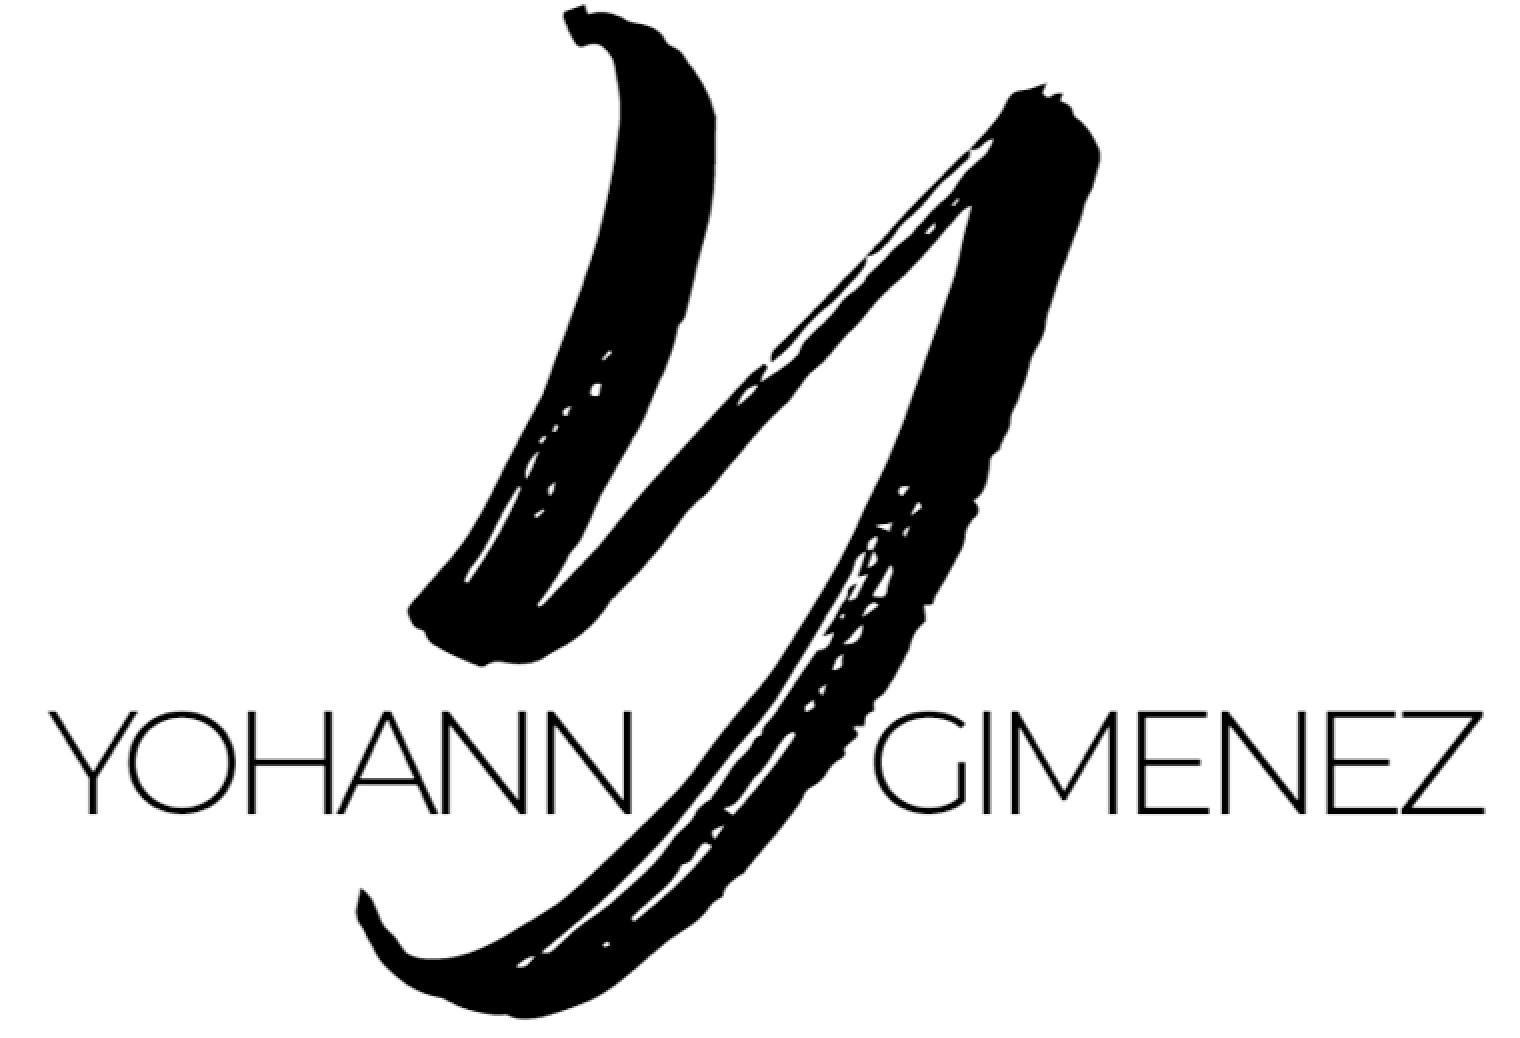 Yohann GIMENEZ